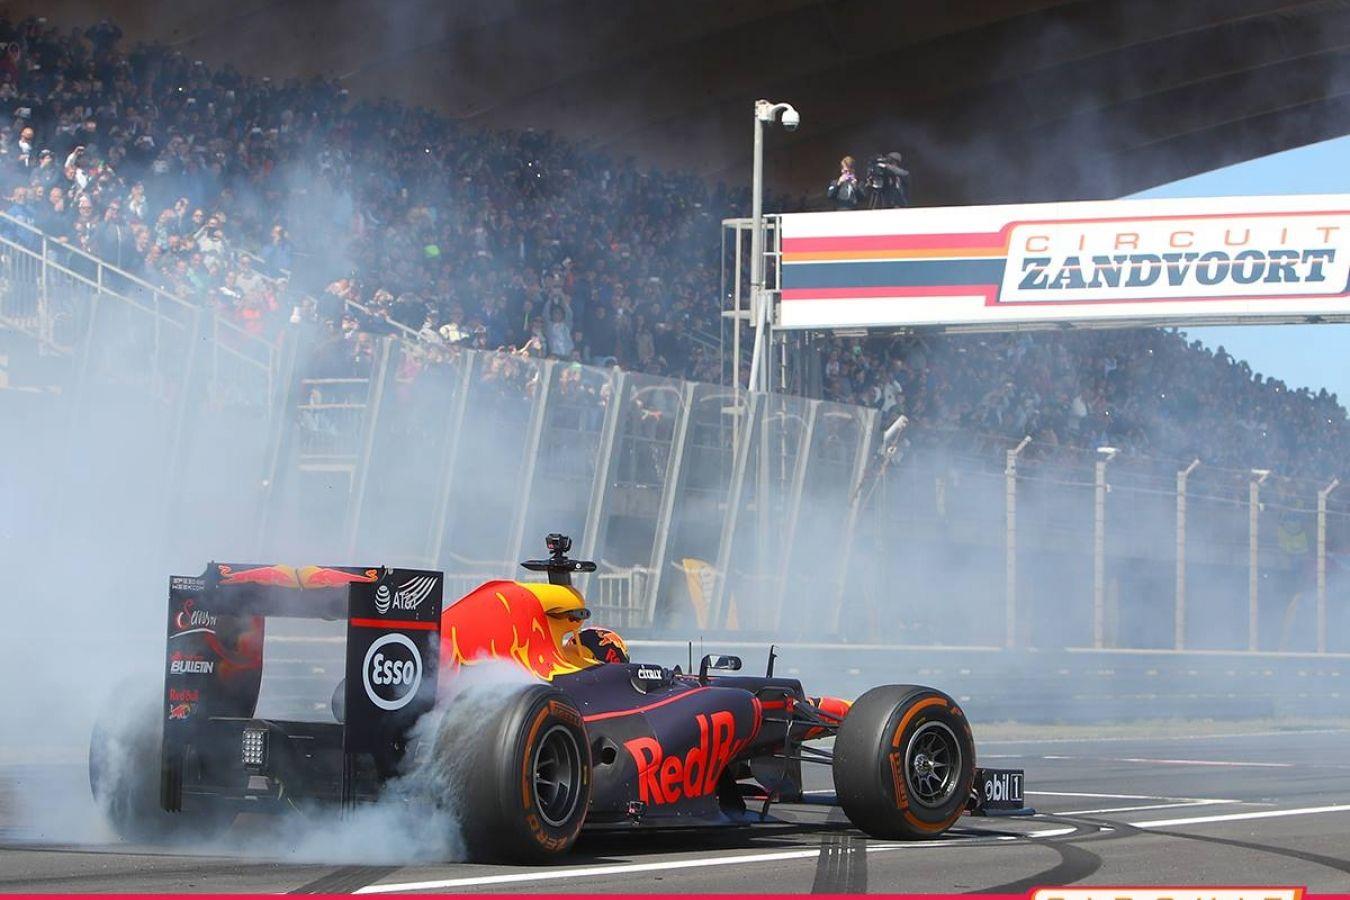 Les organisateurs du Grand Prix des Pays-Bas espèrent accueillir 100 000 spectateurs